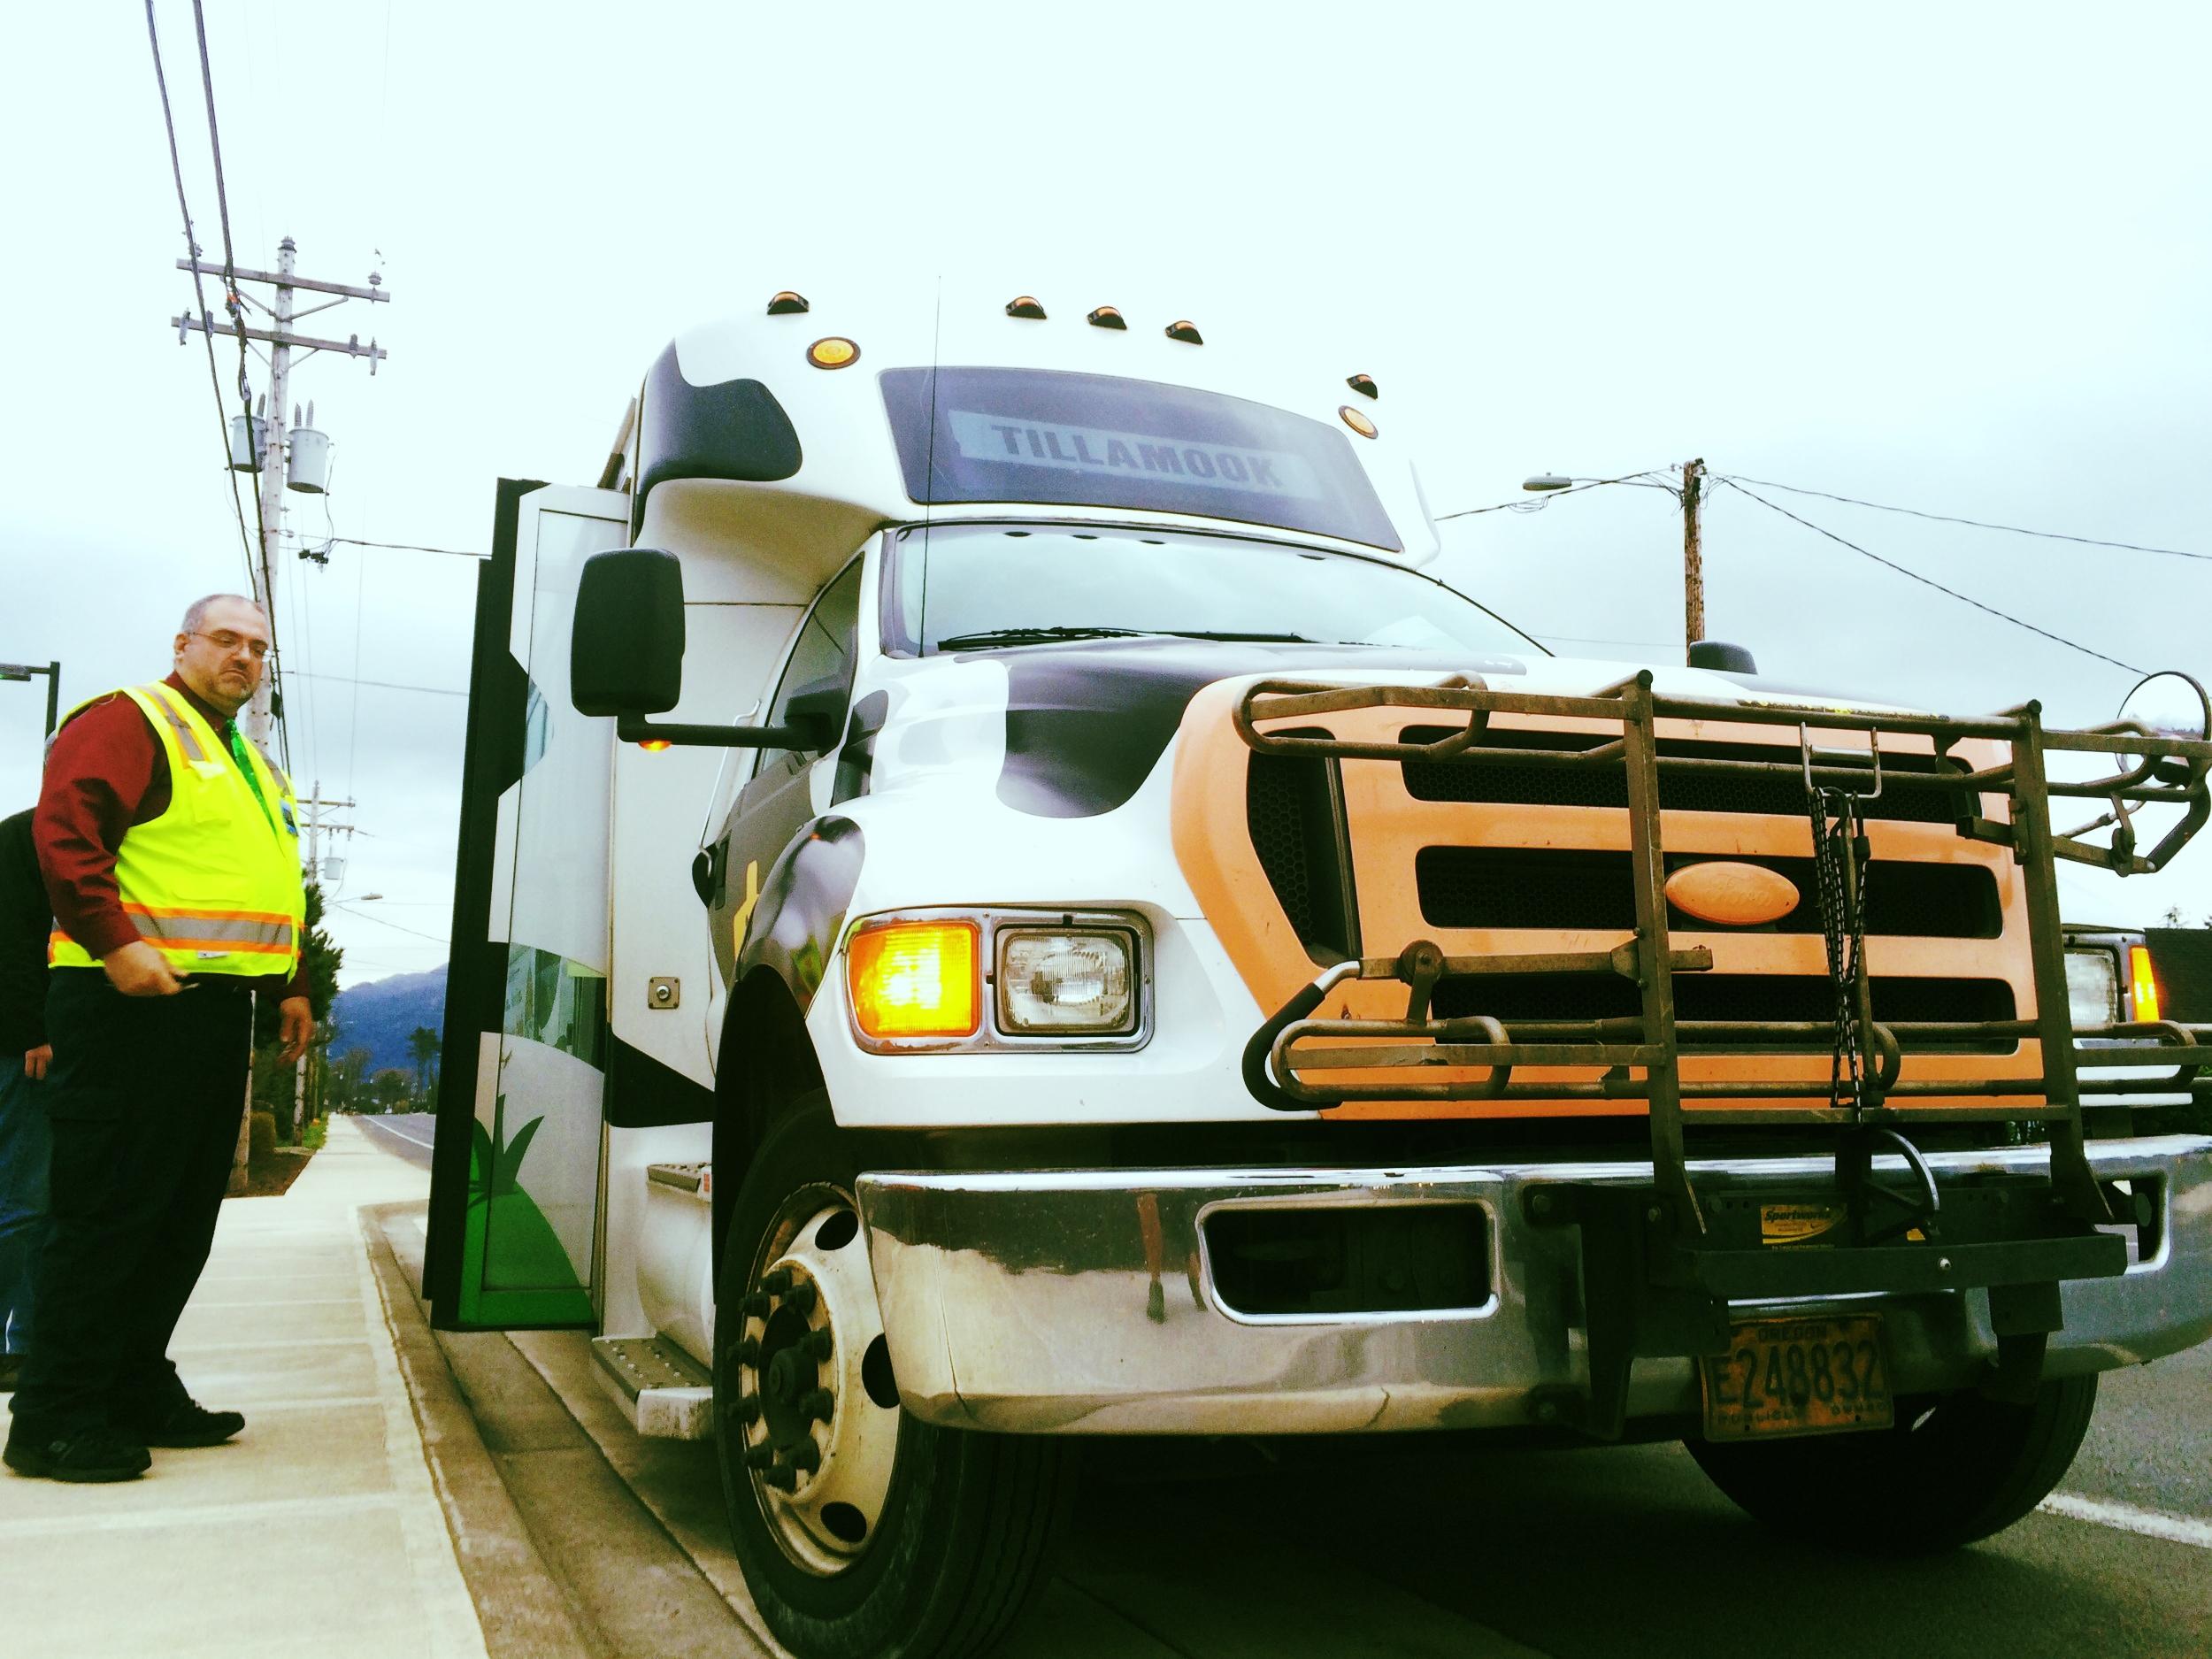 Tillamook.bus.driver.jpg